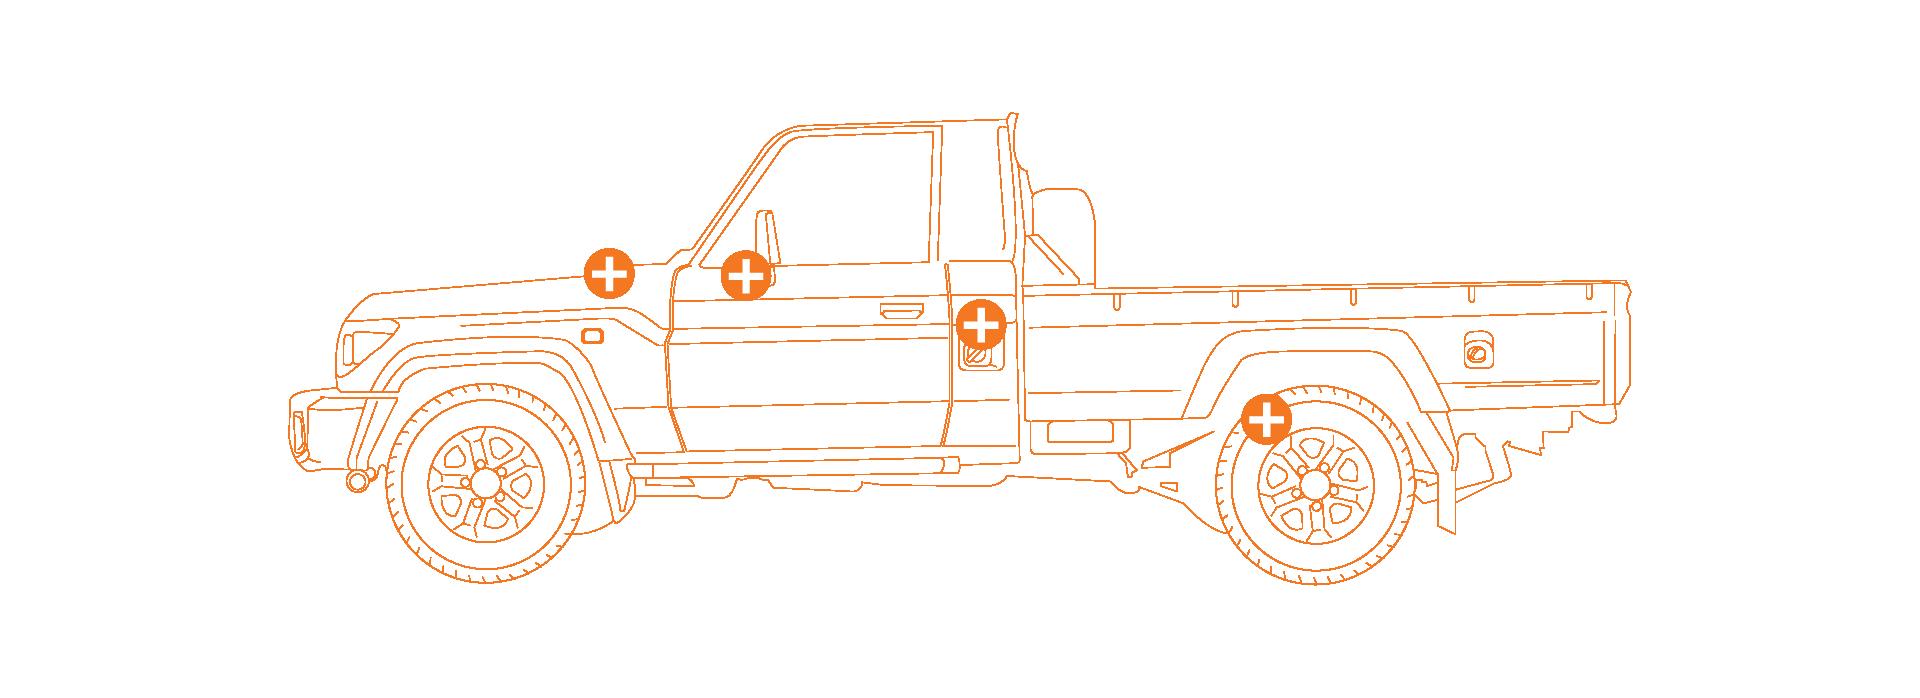 GHH Truck